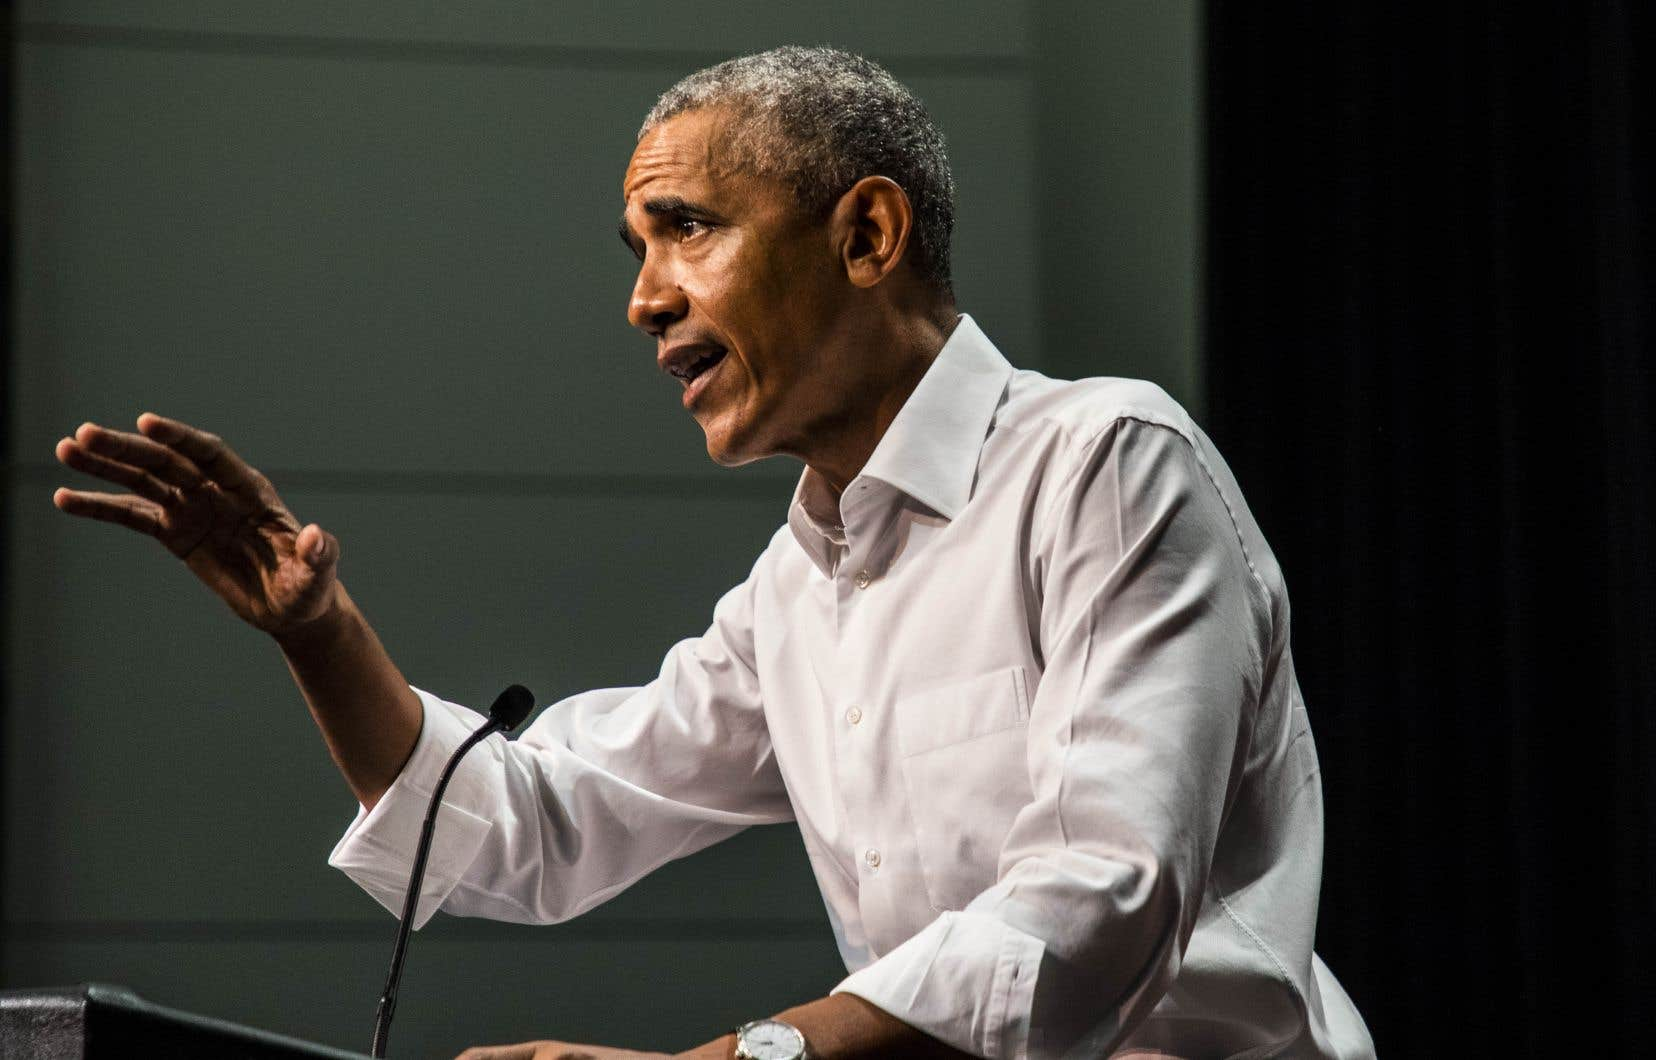 Le président des États-Unis, Donald Trump, ne cesse de louer son bilan économique, ce qui a fait réagir l'ex-président Barack Obama.